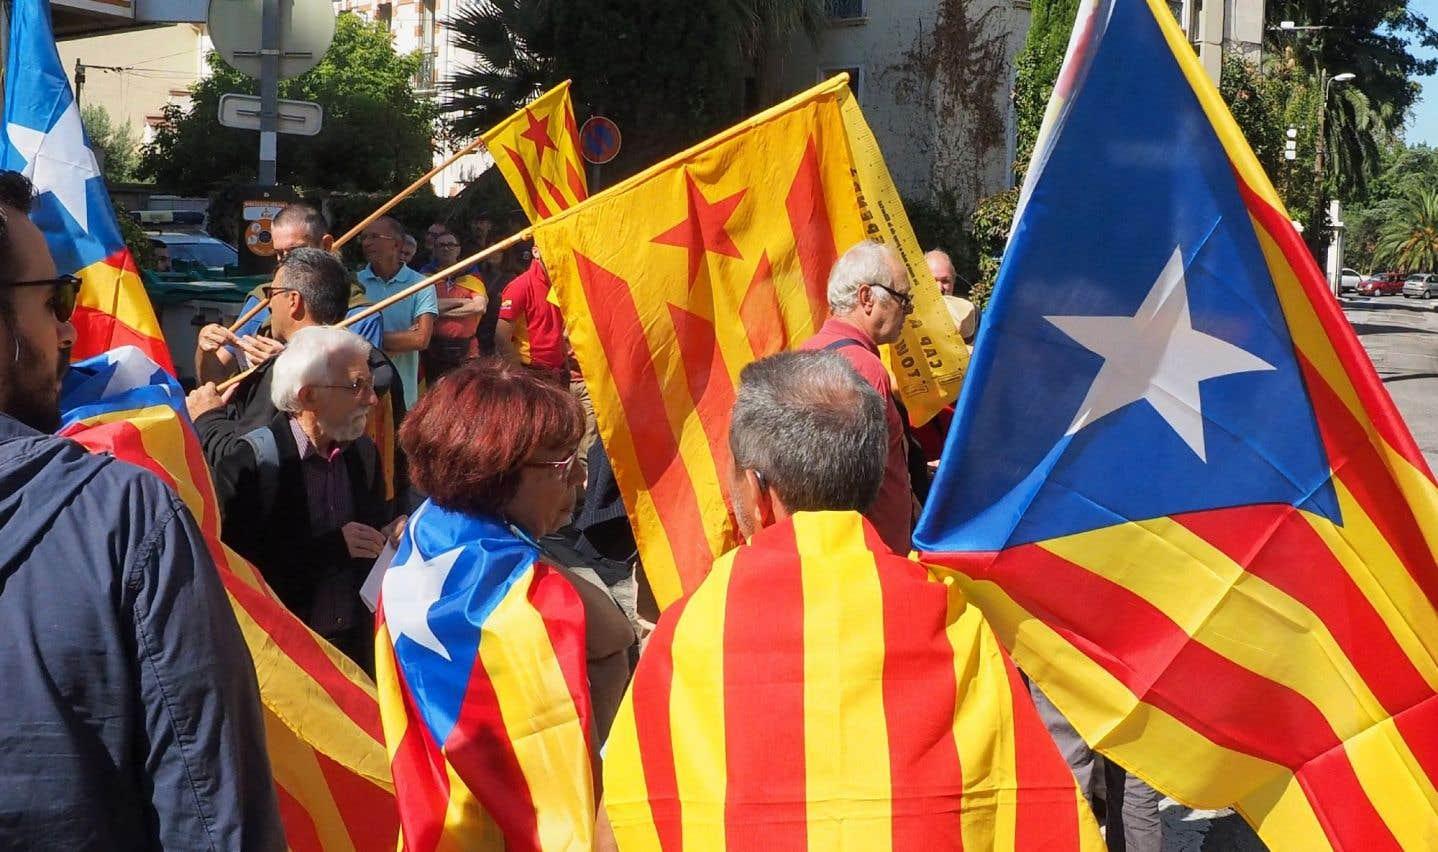 Environ 300 personnes ont démontré leur soutien au référendum catalan en manifestant dans les rues de la ville de Perpignan, en France.